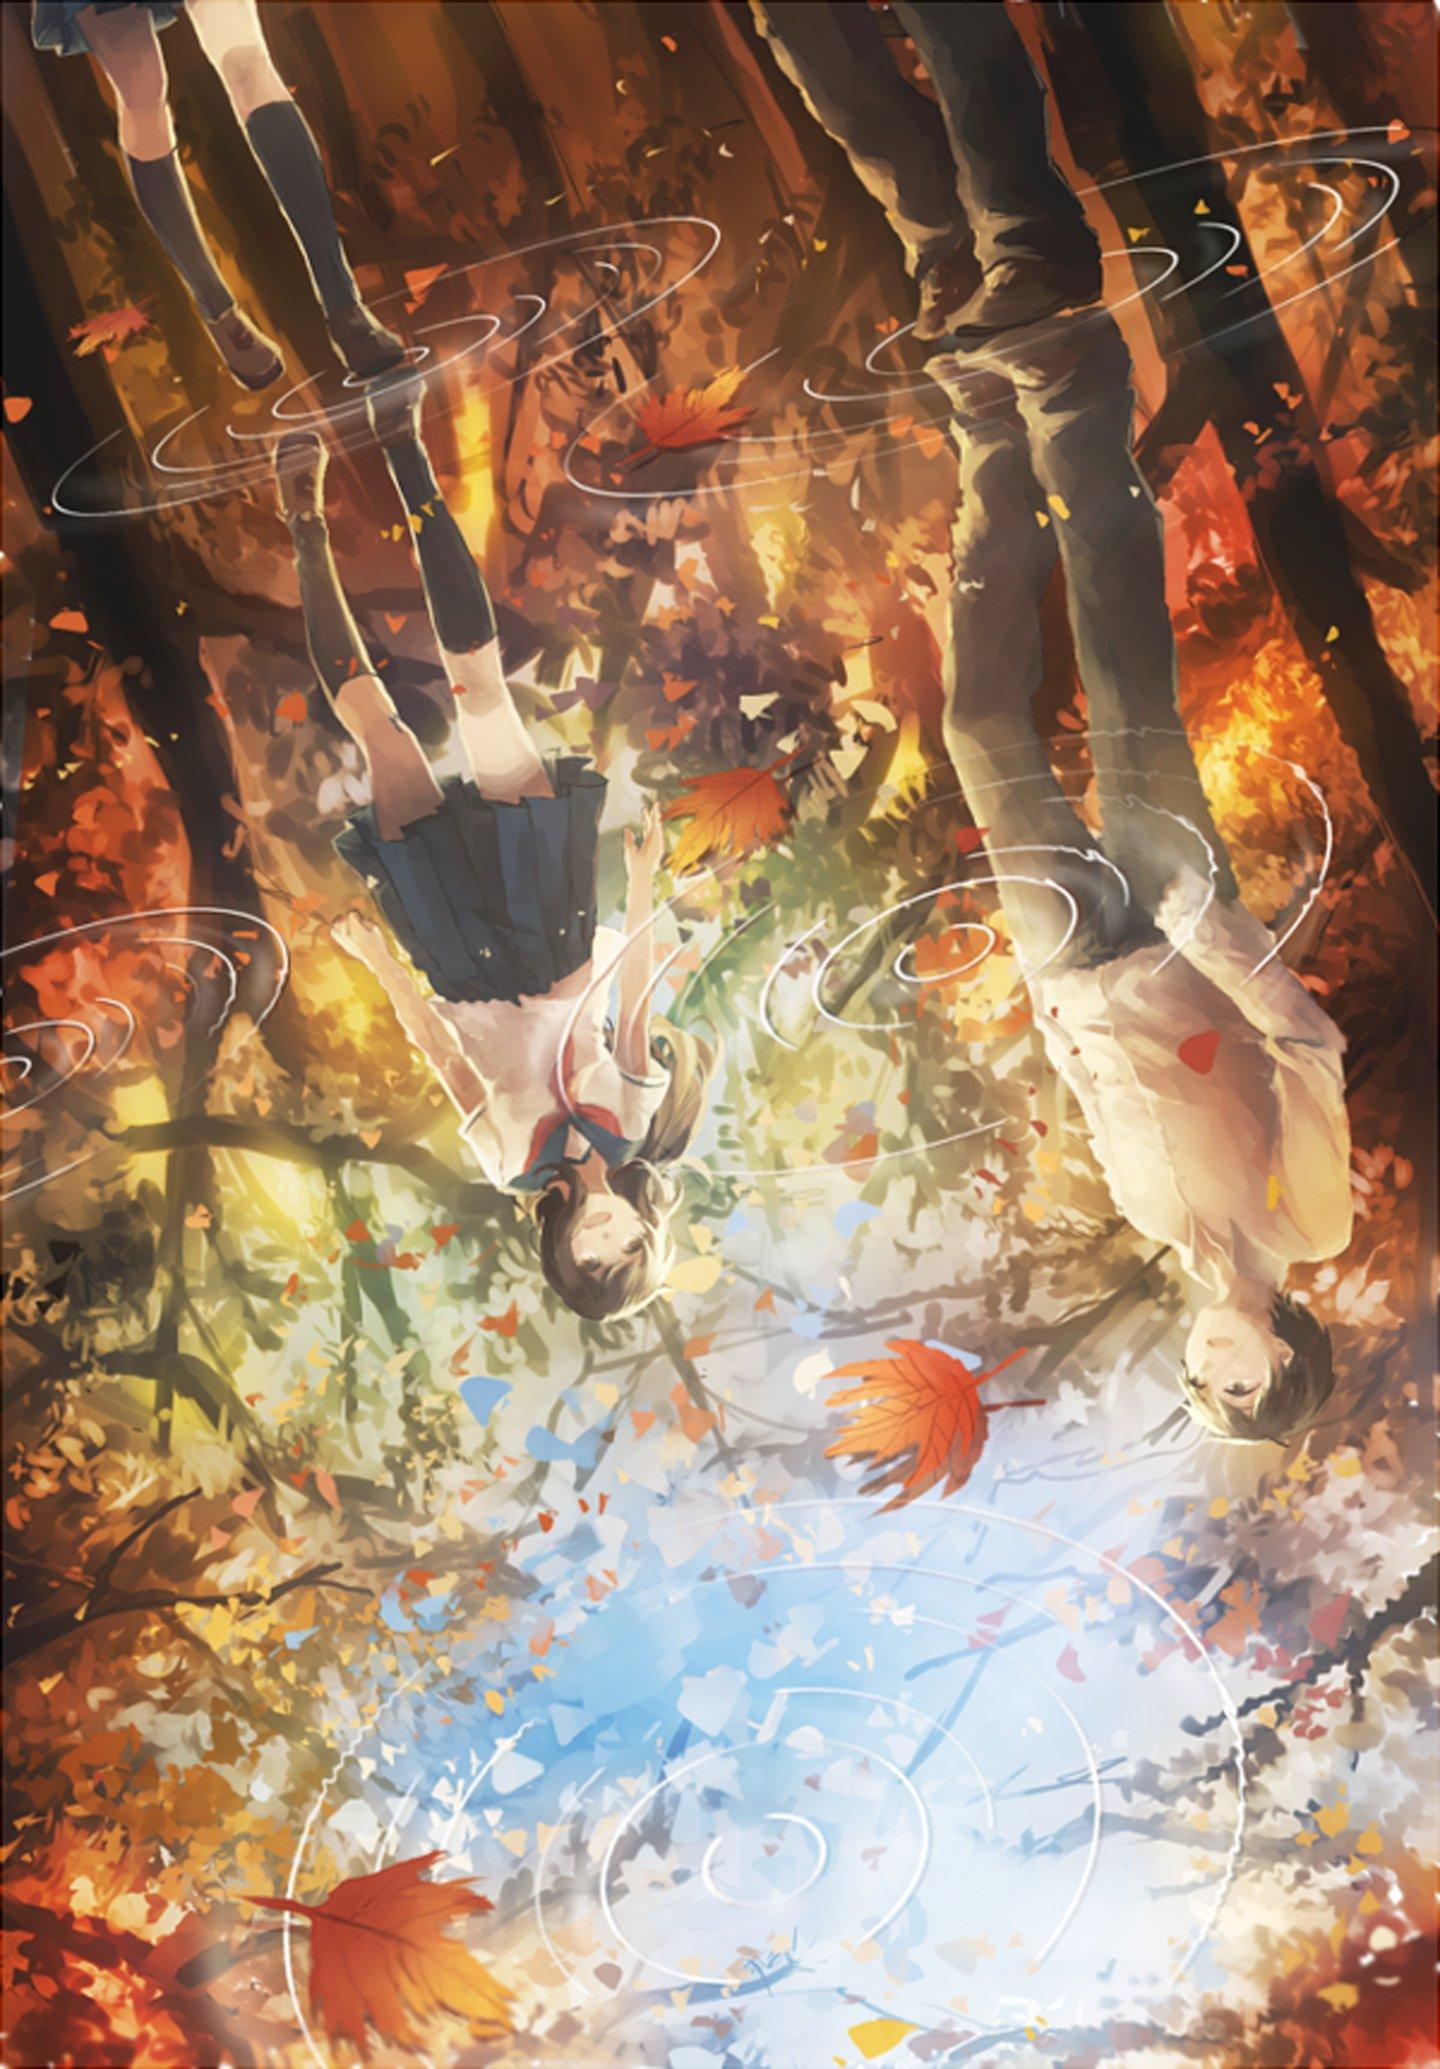 Anime Girl Thanksgiving Wallpaper Leaves Water Rain Couple Anime Girl Guy Autumn Wallpaper